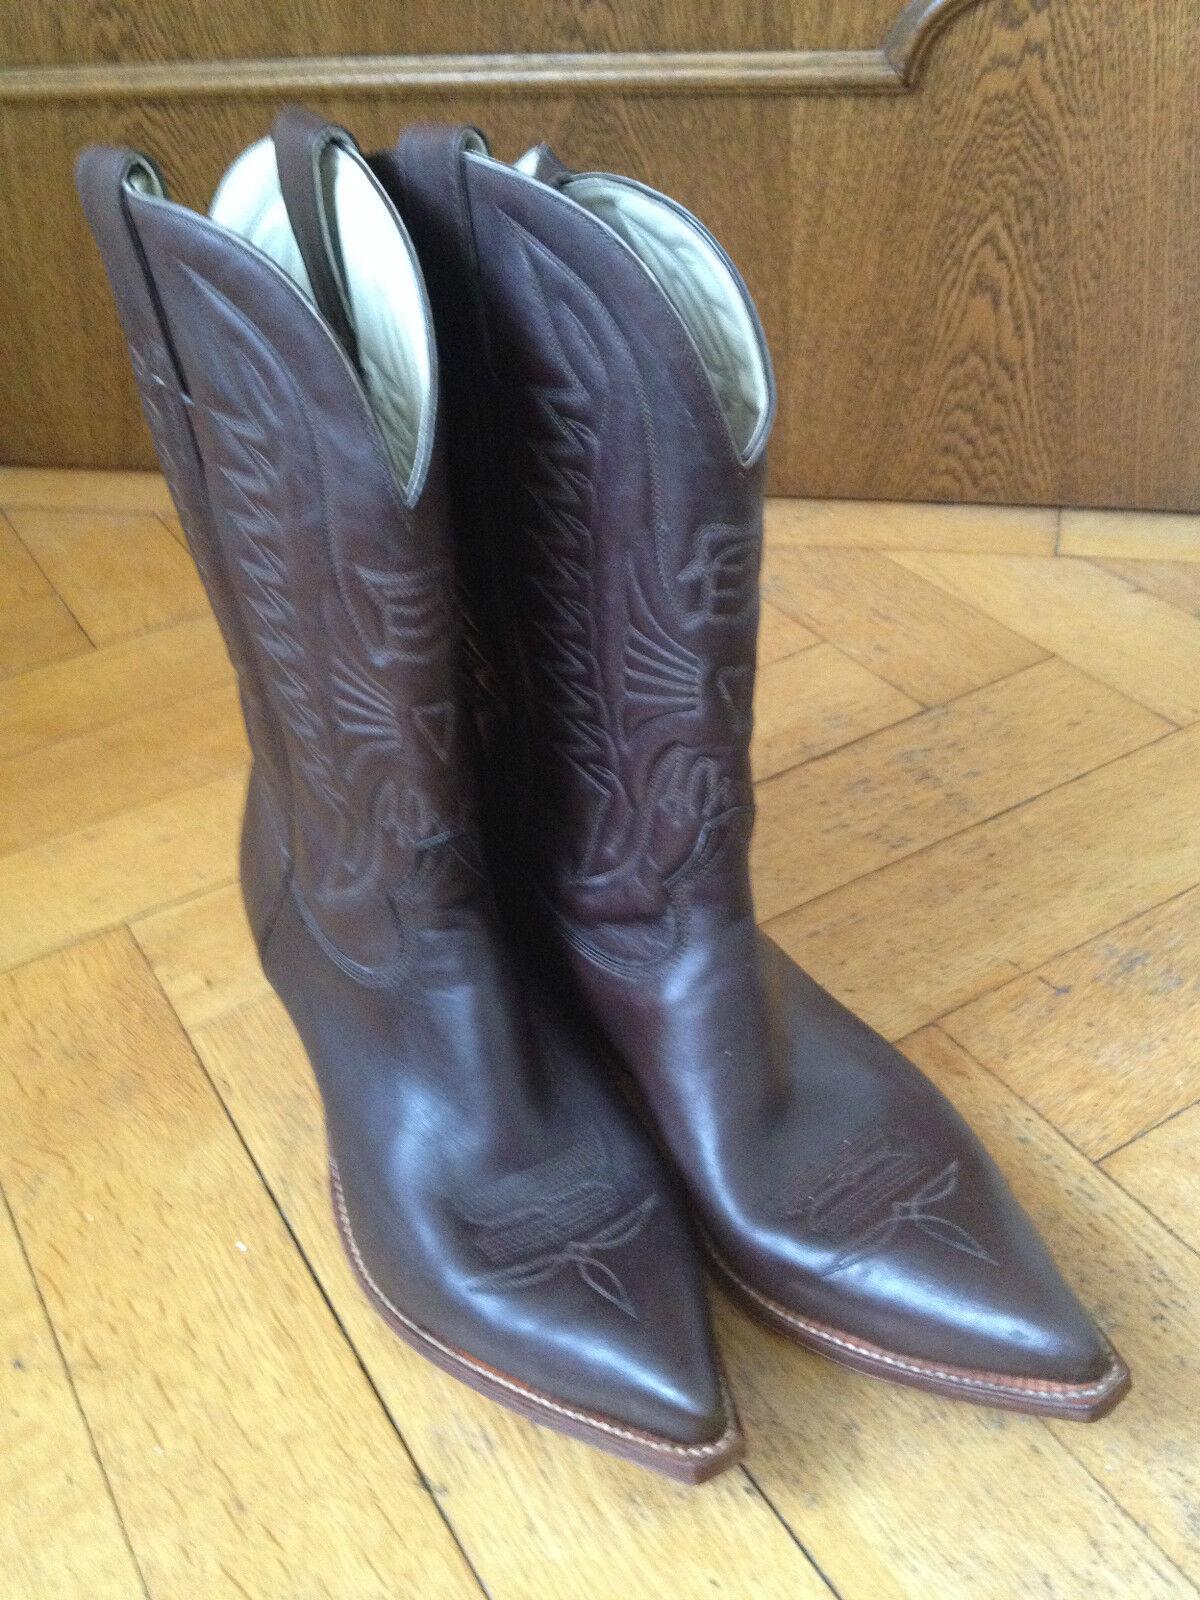 Don Quichotte Cowboy Western Bottes bottes cuir marron us 11.5 eur 45 UK 10.5